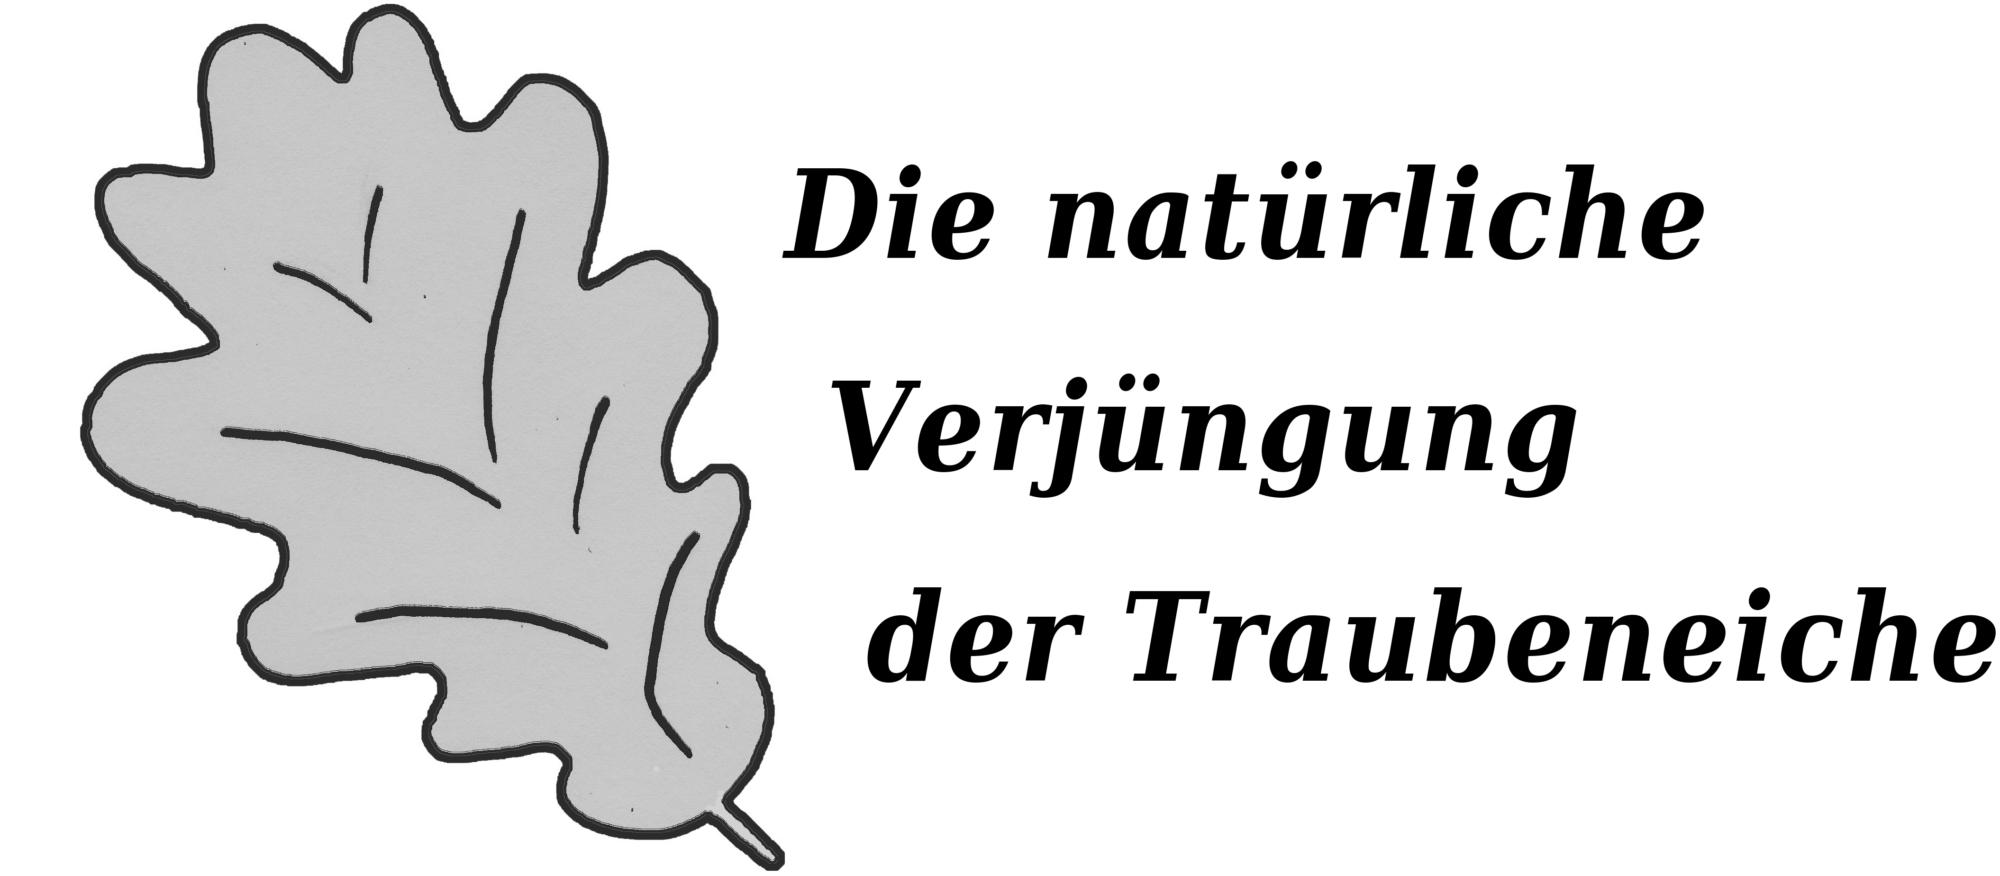 Tobias-Modrow-Freiburg-Traubeneiche-Eiche-Eicheln-Mastjahr-Naturverjuengung-Verjuengung-Spessart-Pfaelzerwald-Brandenburg-Ludwigsburg-Karlsruhe-Main-Tauber-Kreis-Wachstum-Licht-Alter-Standort-Photosynthese-Lichtflecken-Konkurrenz-Buche-Hainbuche-Brombeere-Pionierbaumarten-Lichtsteuerung-Schirmschlag-Ueberhaelter-Altbaeume-Grundflaeche-Abstand-Kronendachoeffnung-Kronenschlussgrad-Lochhieb-Durchmesser-Groesse-Pflegemassnahmen-Knicken-Wildverbiss-Verbissschutz-Zaun-Jagd-Handlungsempfehlungen-Naturschutz-Habitatbaeume-Hirschkaefer-KlimaQuer-Waldklimafonds-Waldbau-Publikationen-AFZ-Literatur